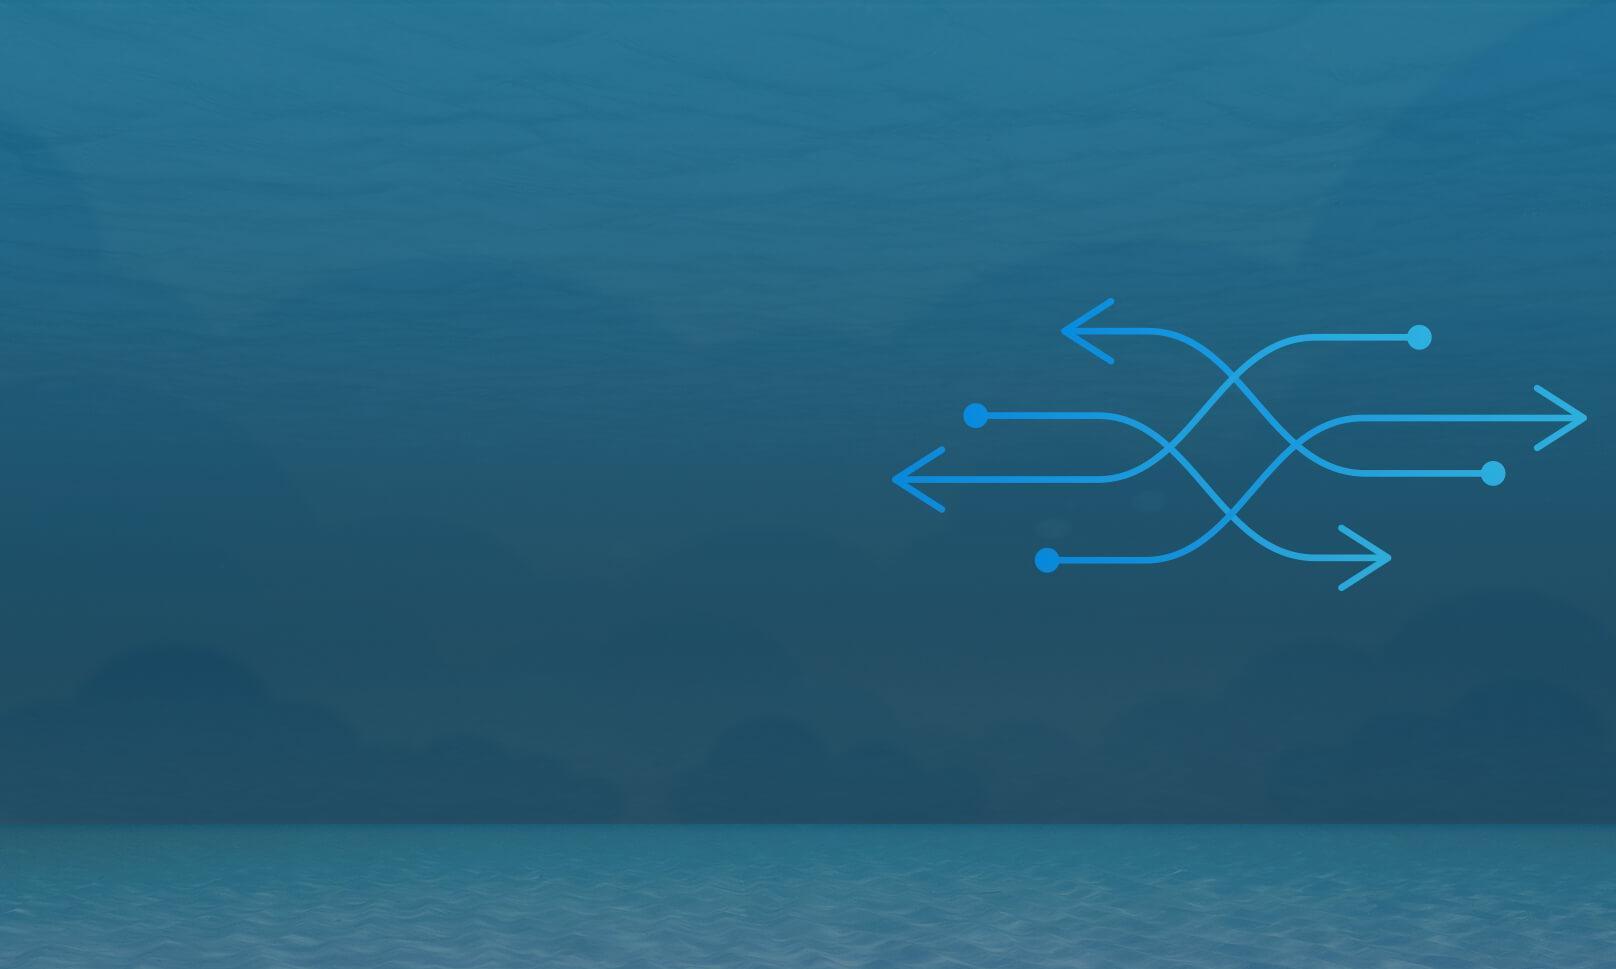 Jellyfish media engine transcode hero